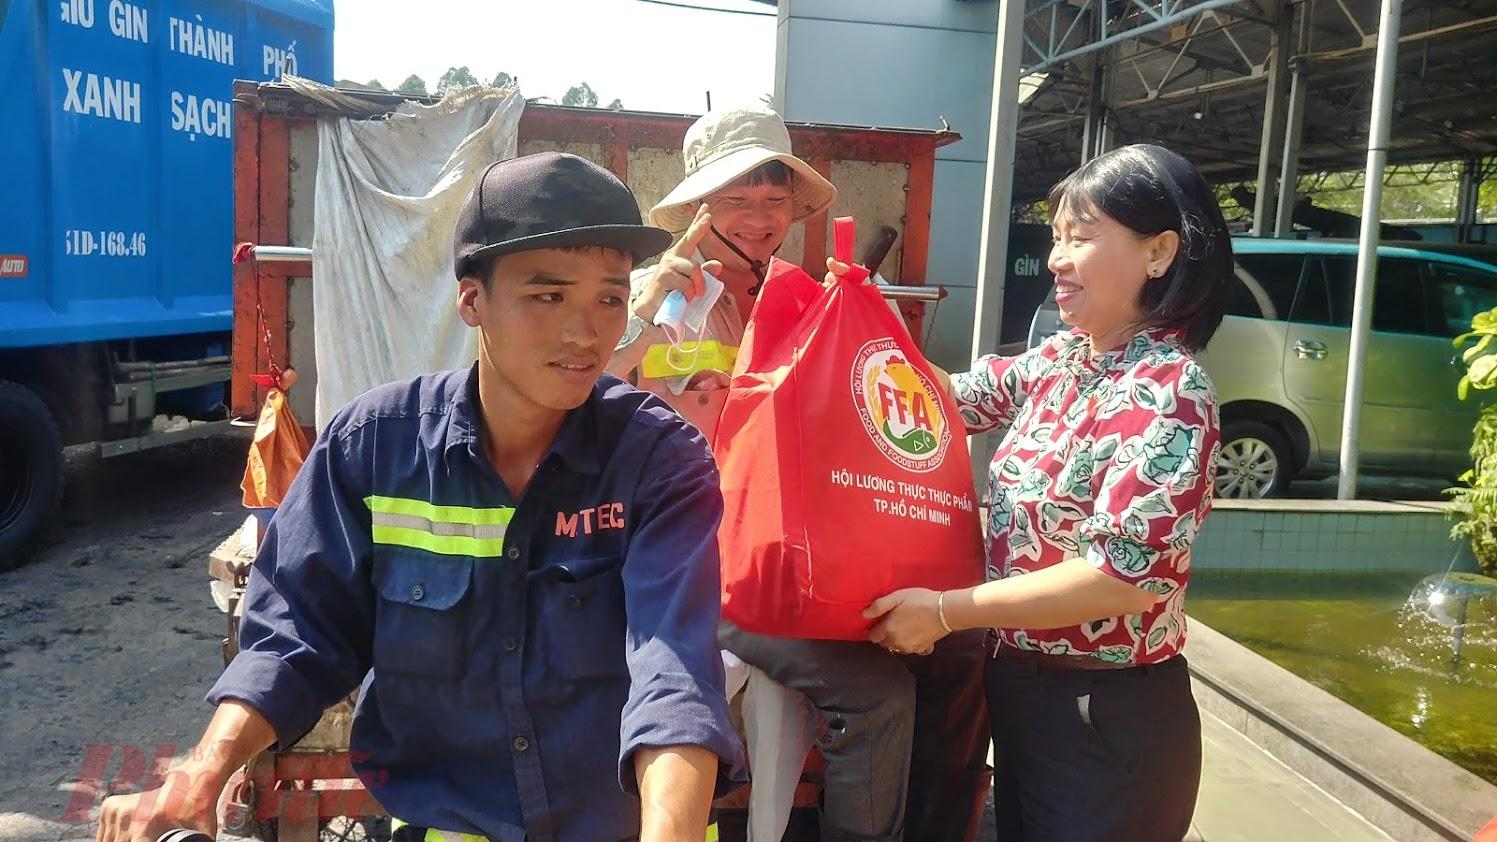 Bà Trần Thị Phương Hoa tặng những phần quà tết từ Hội Lương thực thực phẩm TP.HCM và Quỹ Doanh nhân vì cộng đồng – Hiệp hội Doanh nghiệp TP.HCM  đến công nhân viên môi trường.